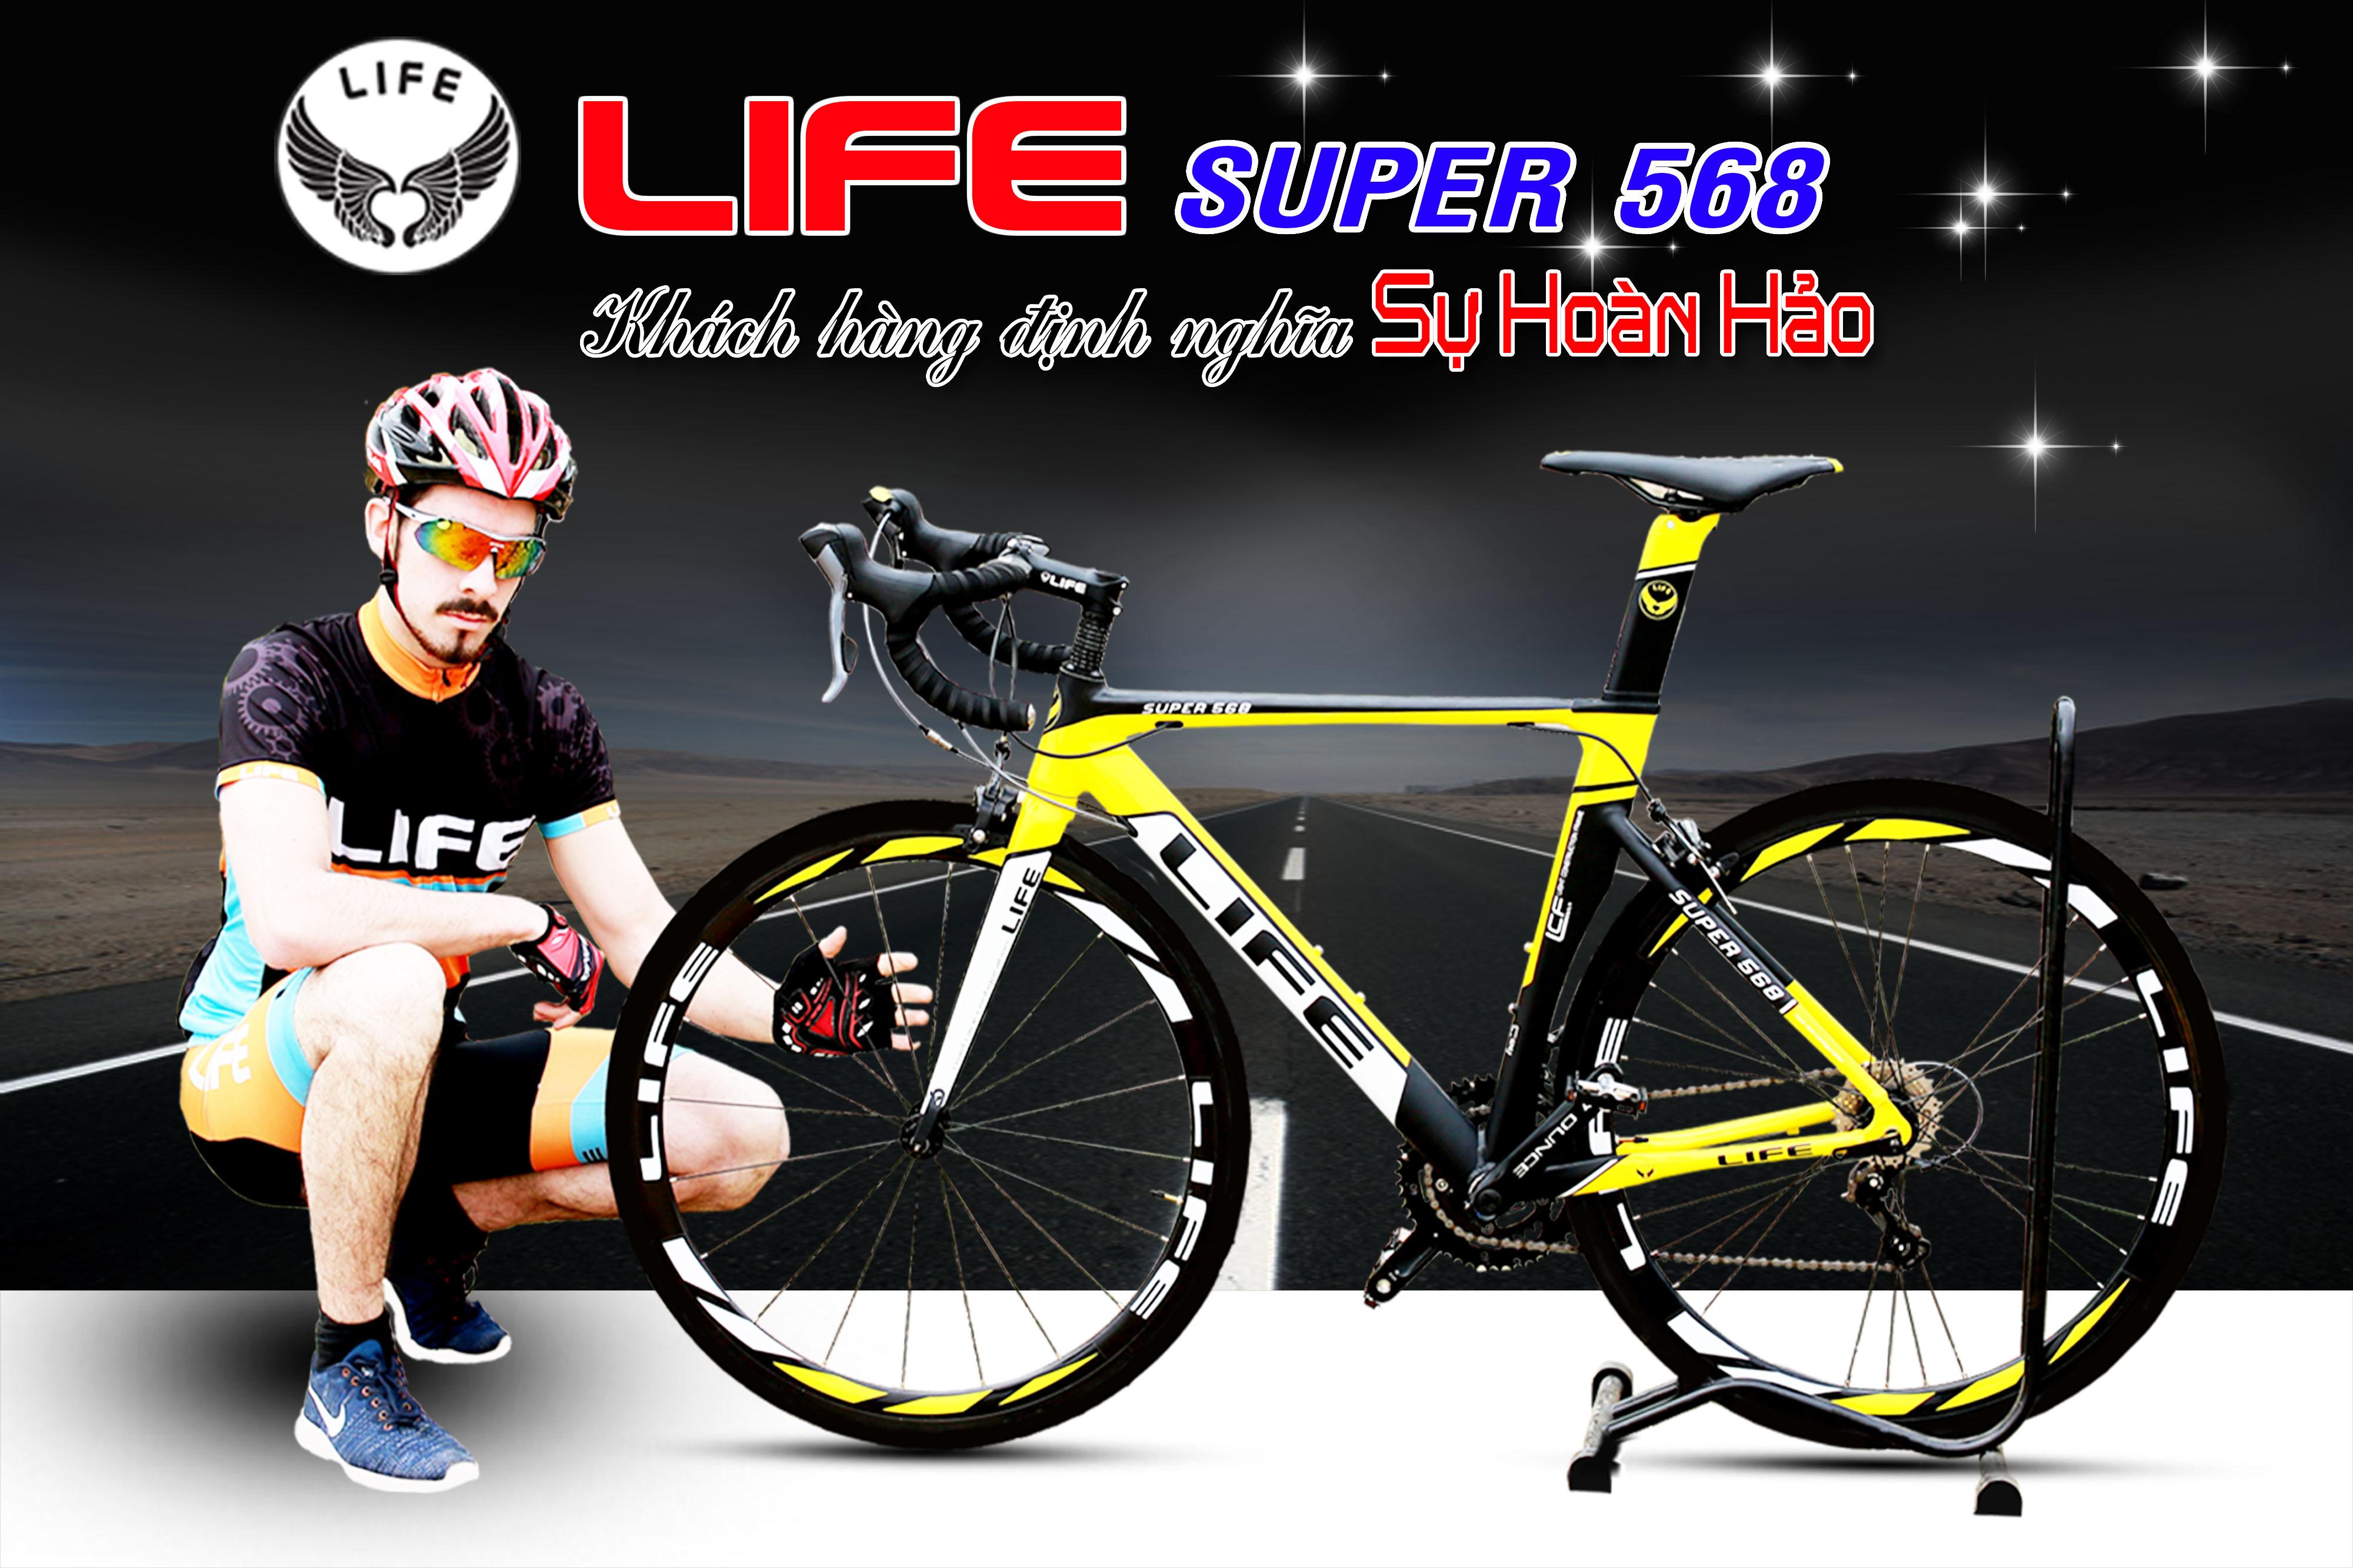 Xe đạp đua Life Super568 chất lượng hoàn hảo